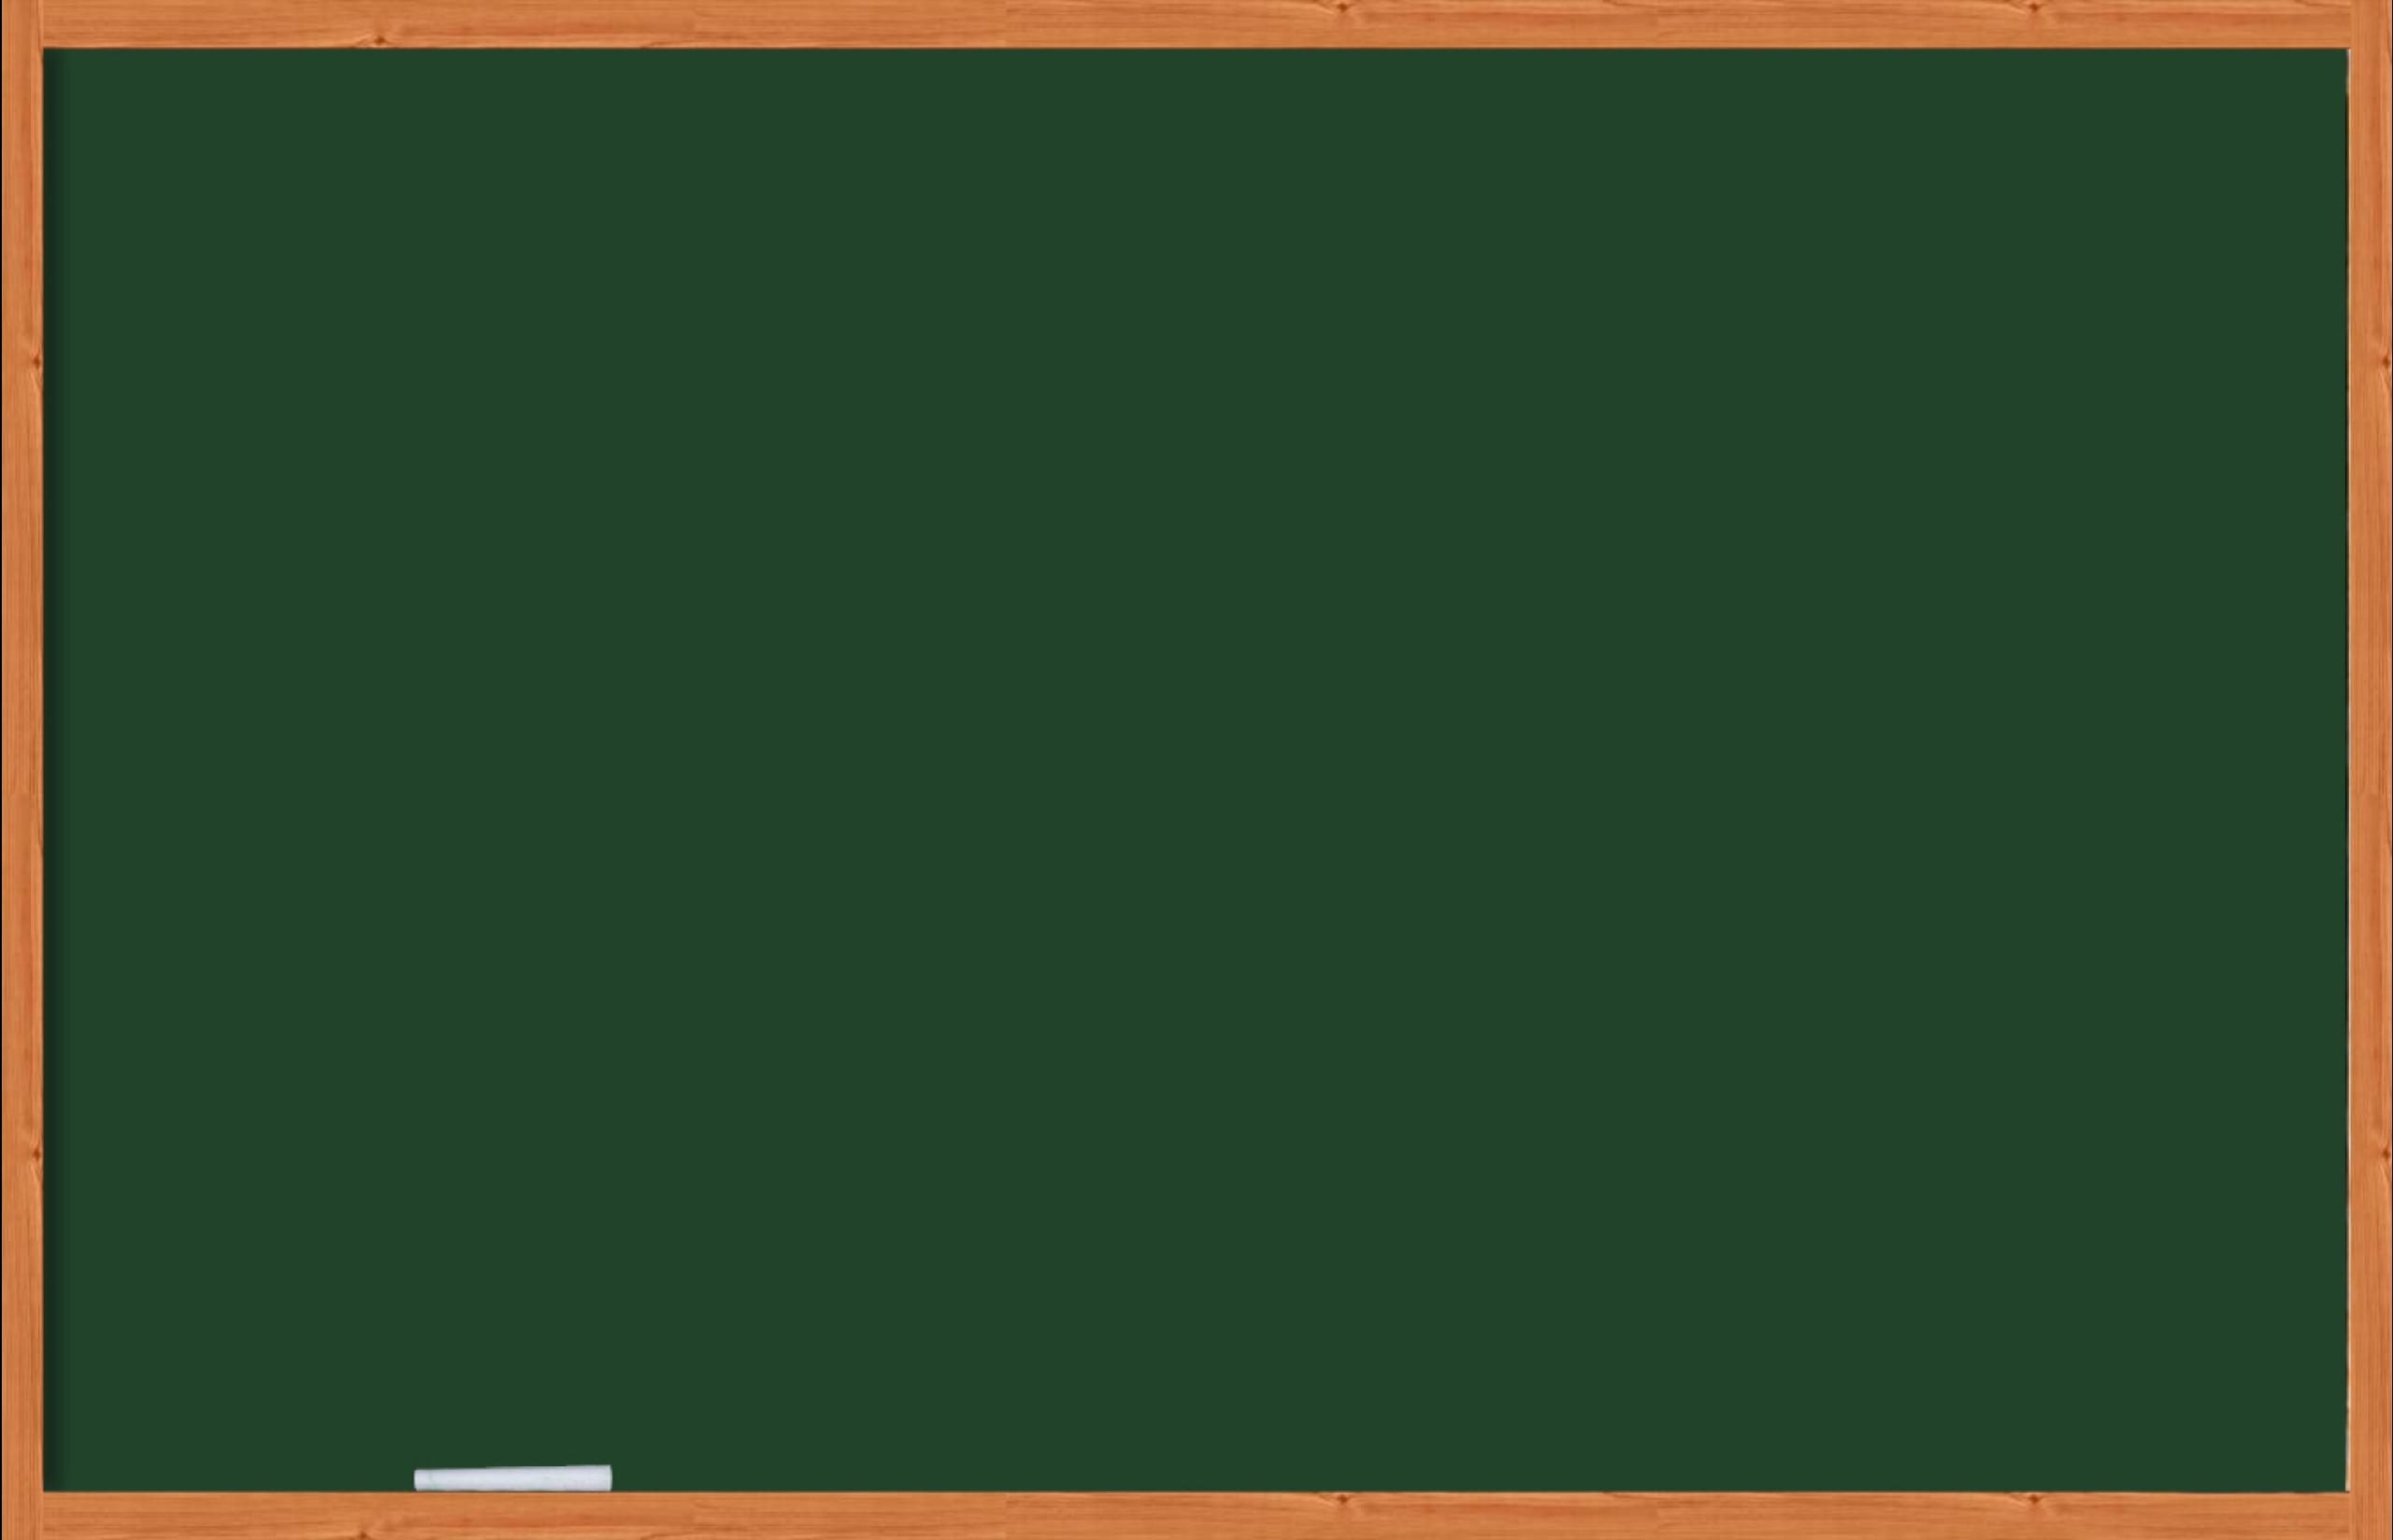 高中数学-函数的奇偶性与周期-虎斑教育